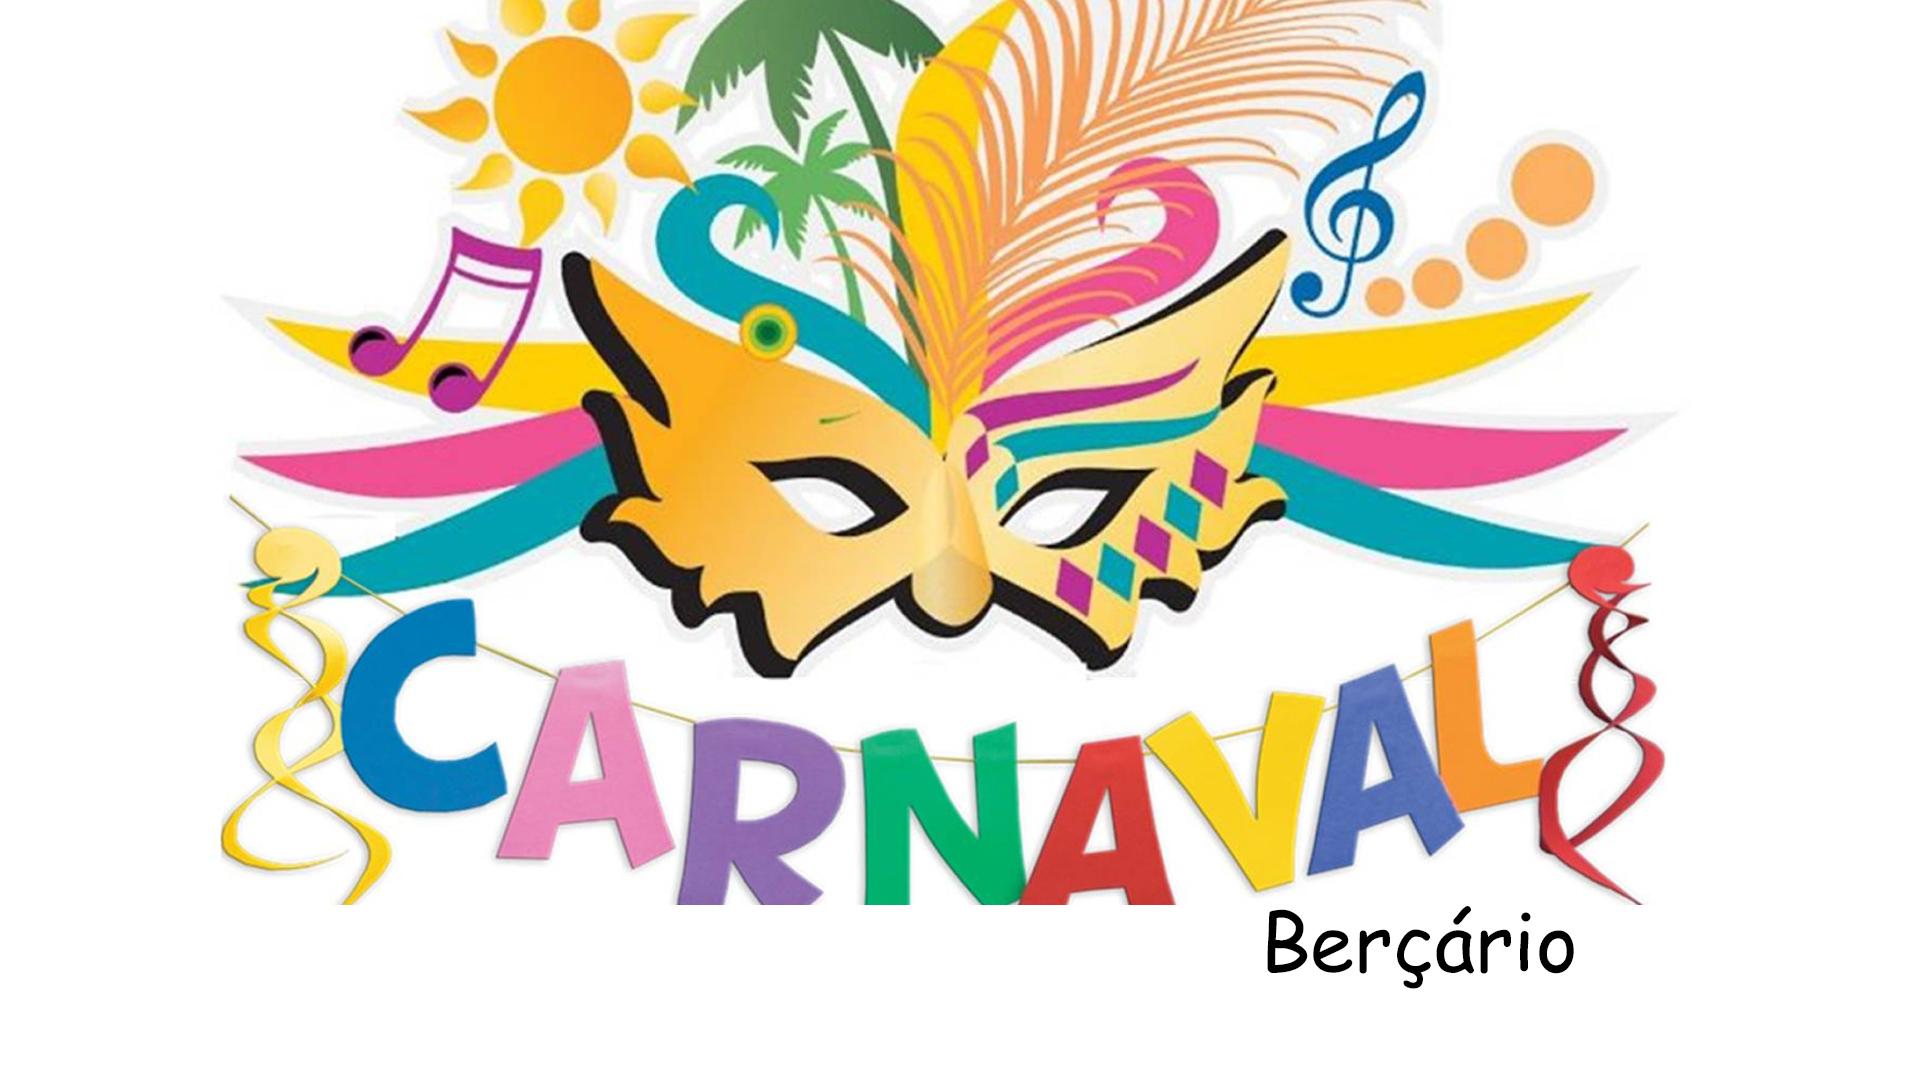 [Carnaval 2020 - Berçario]